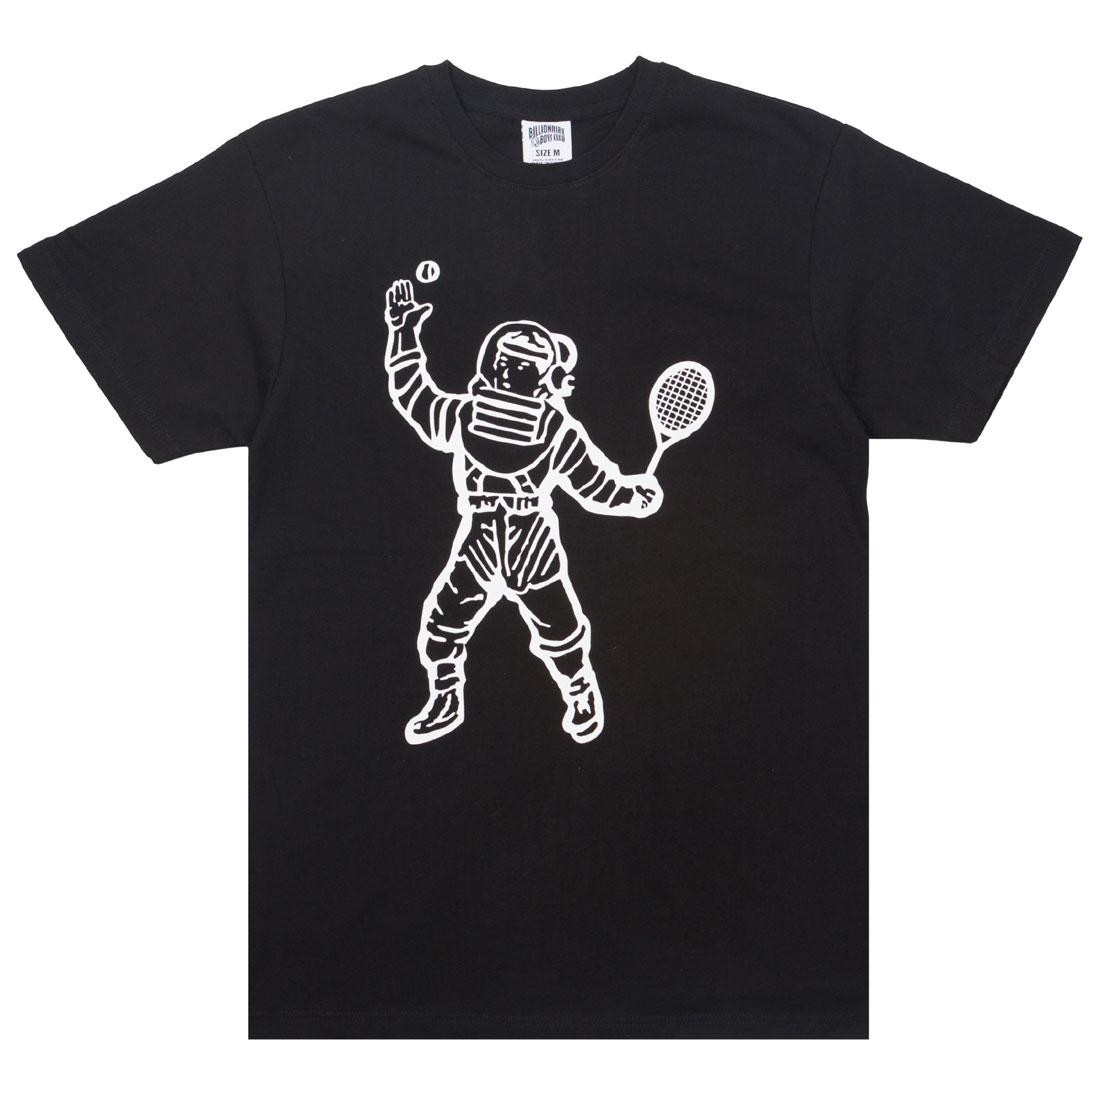 クラブ テニス Tシャツ 【 BILLIONAIRE BOYS CLUB MEN TENNIS ASTRONAUT TEE BLACK 】 メンズファッション トップス カットソー